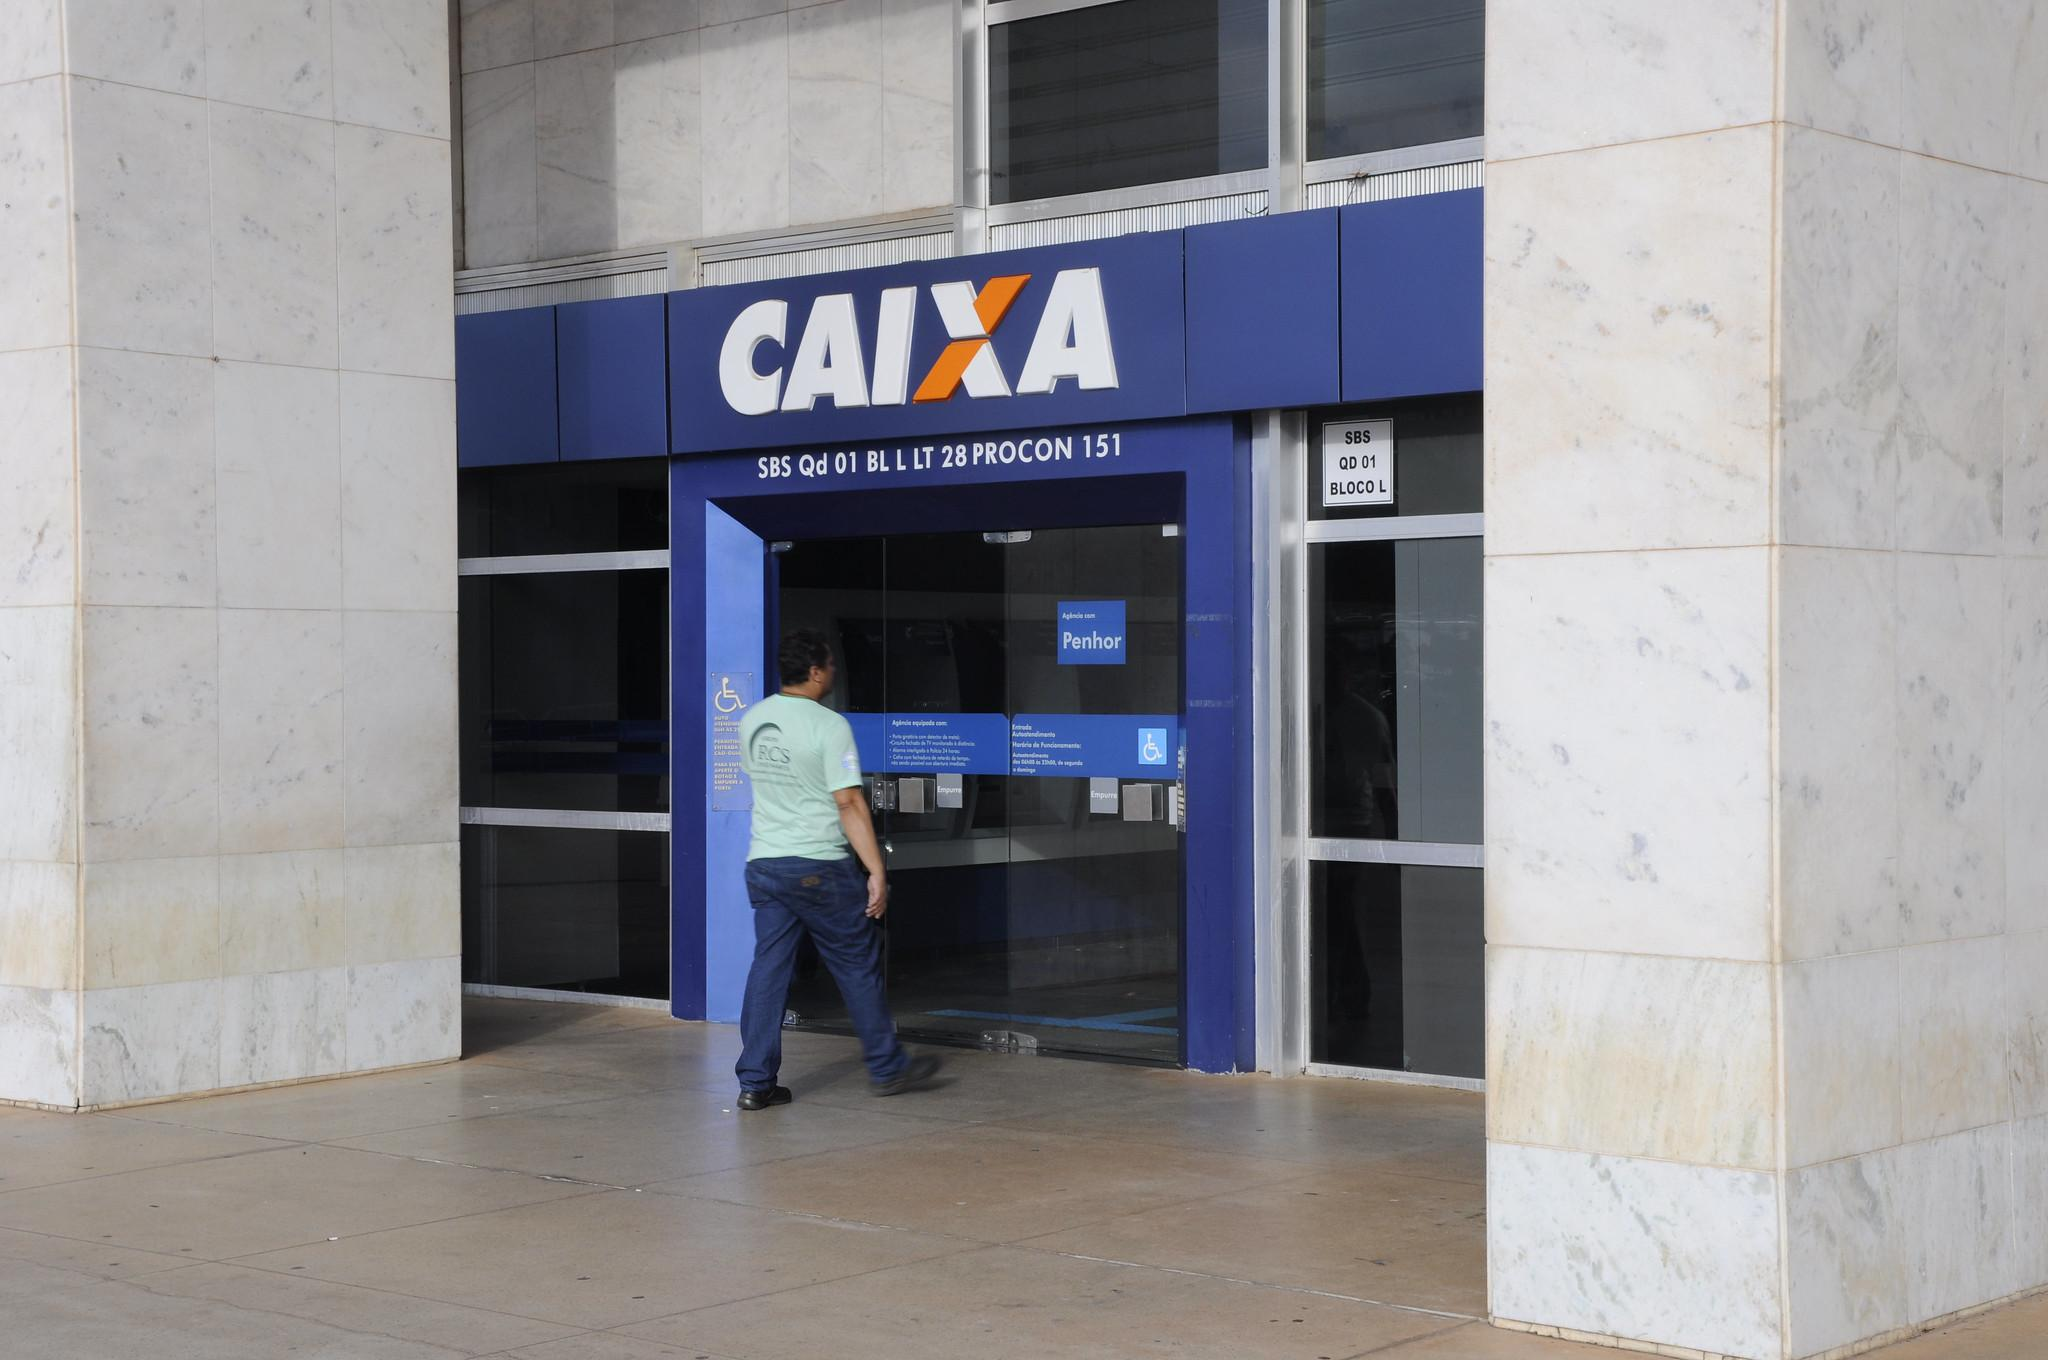 Imagem mostra Caixa Econômica Federal para Abono salarial